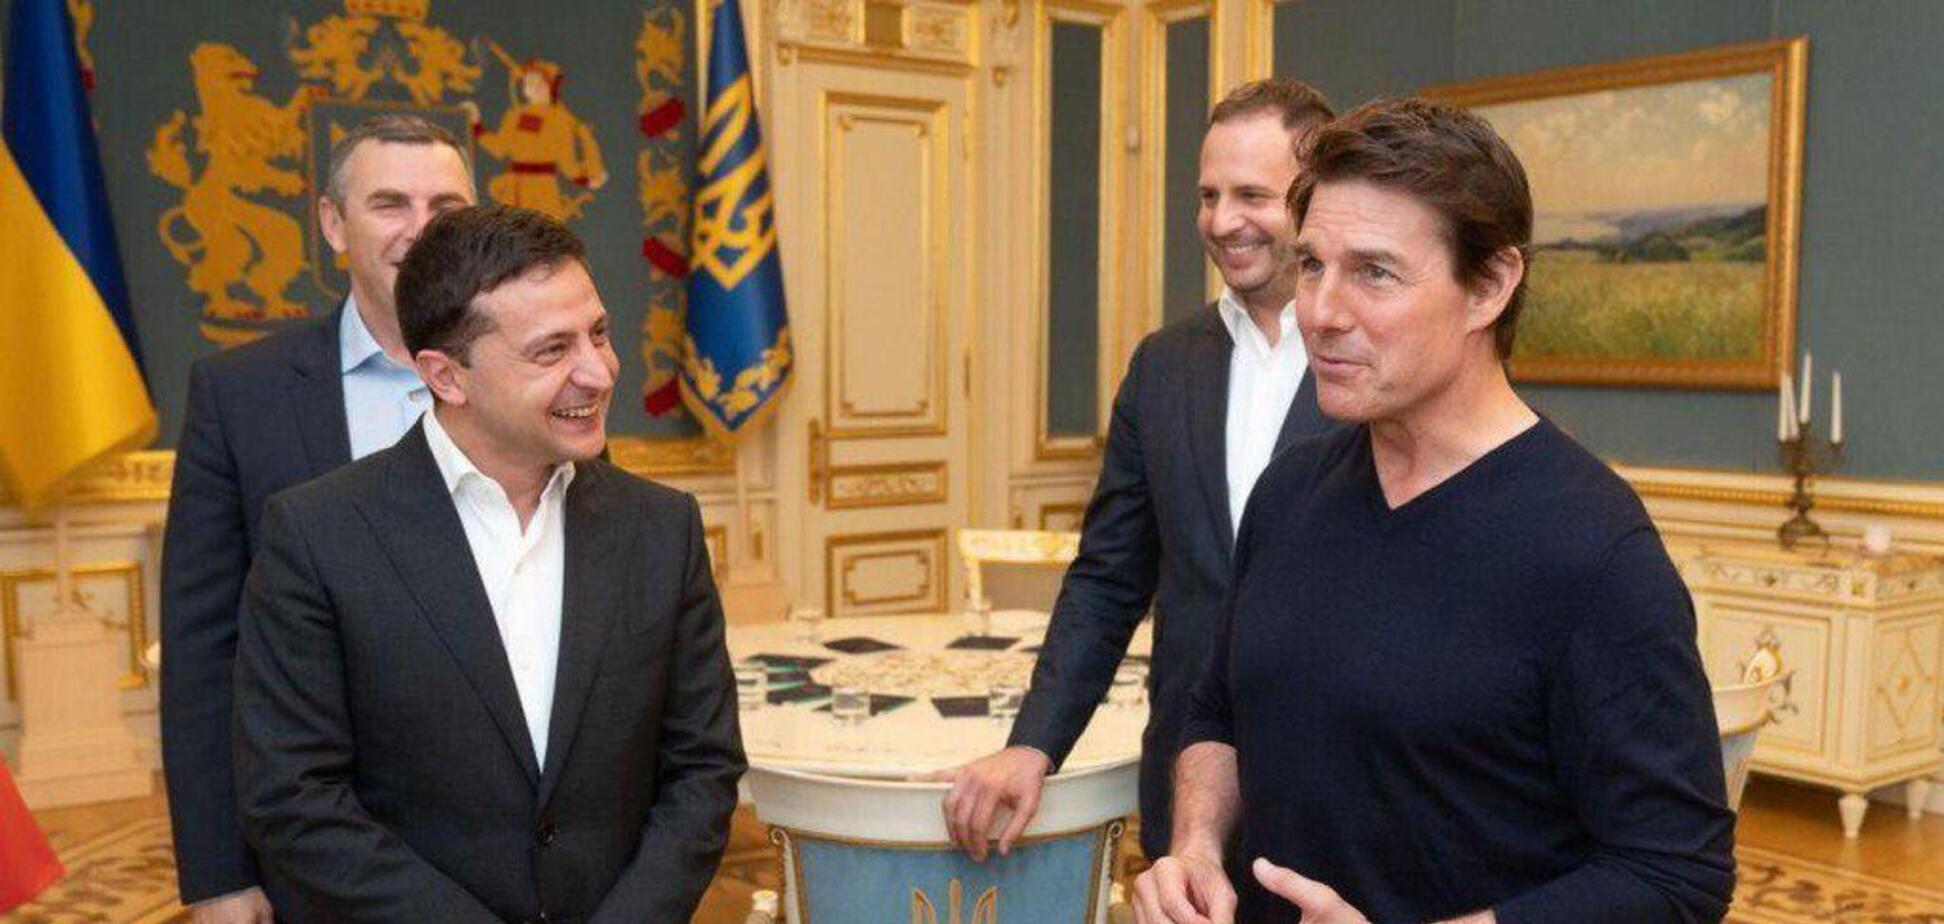 Том Круз приїхав до Києва: з'ясувалася офіційна причина